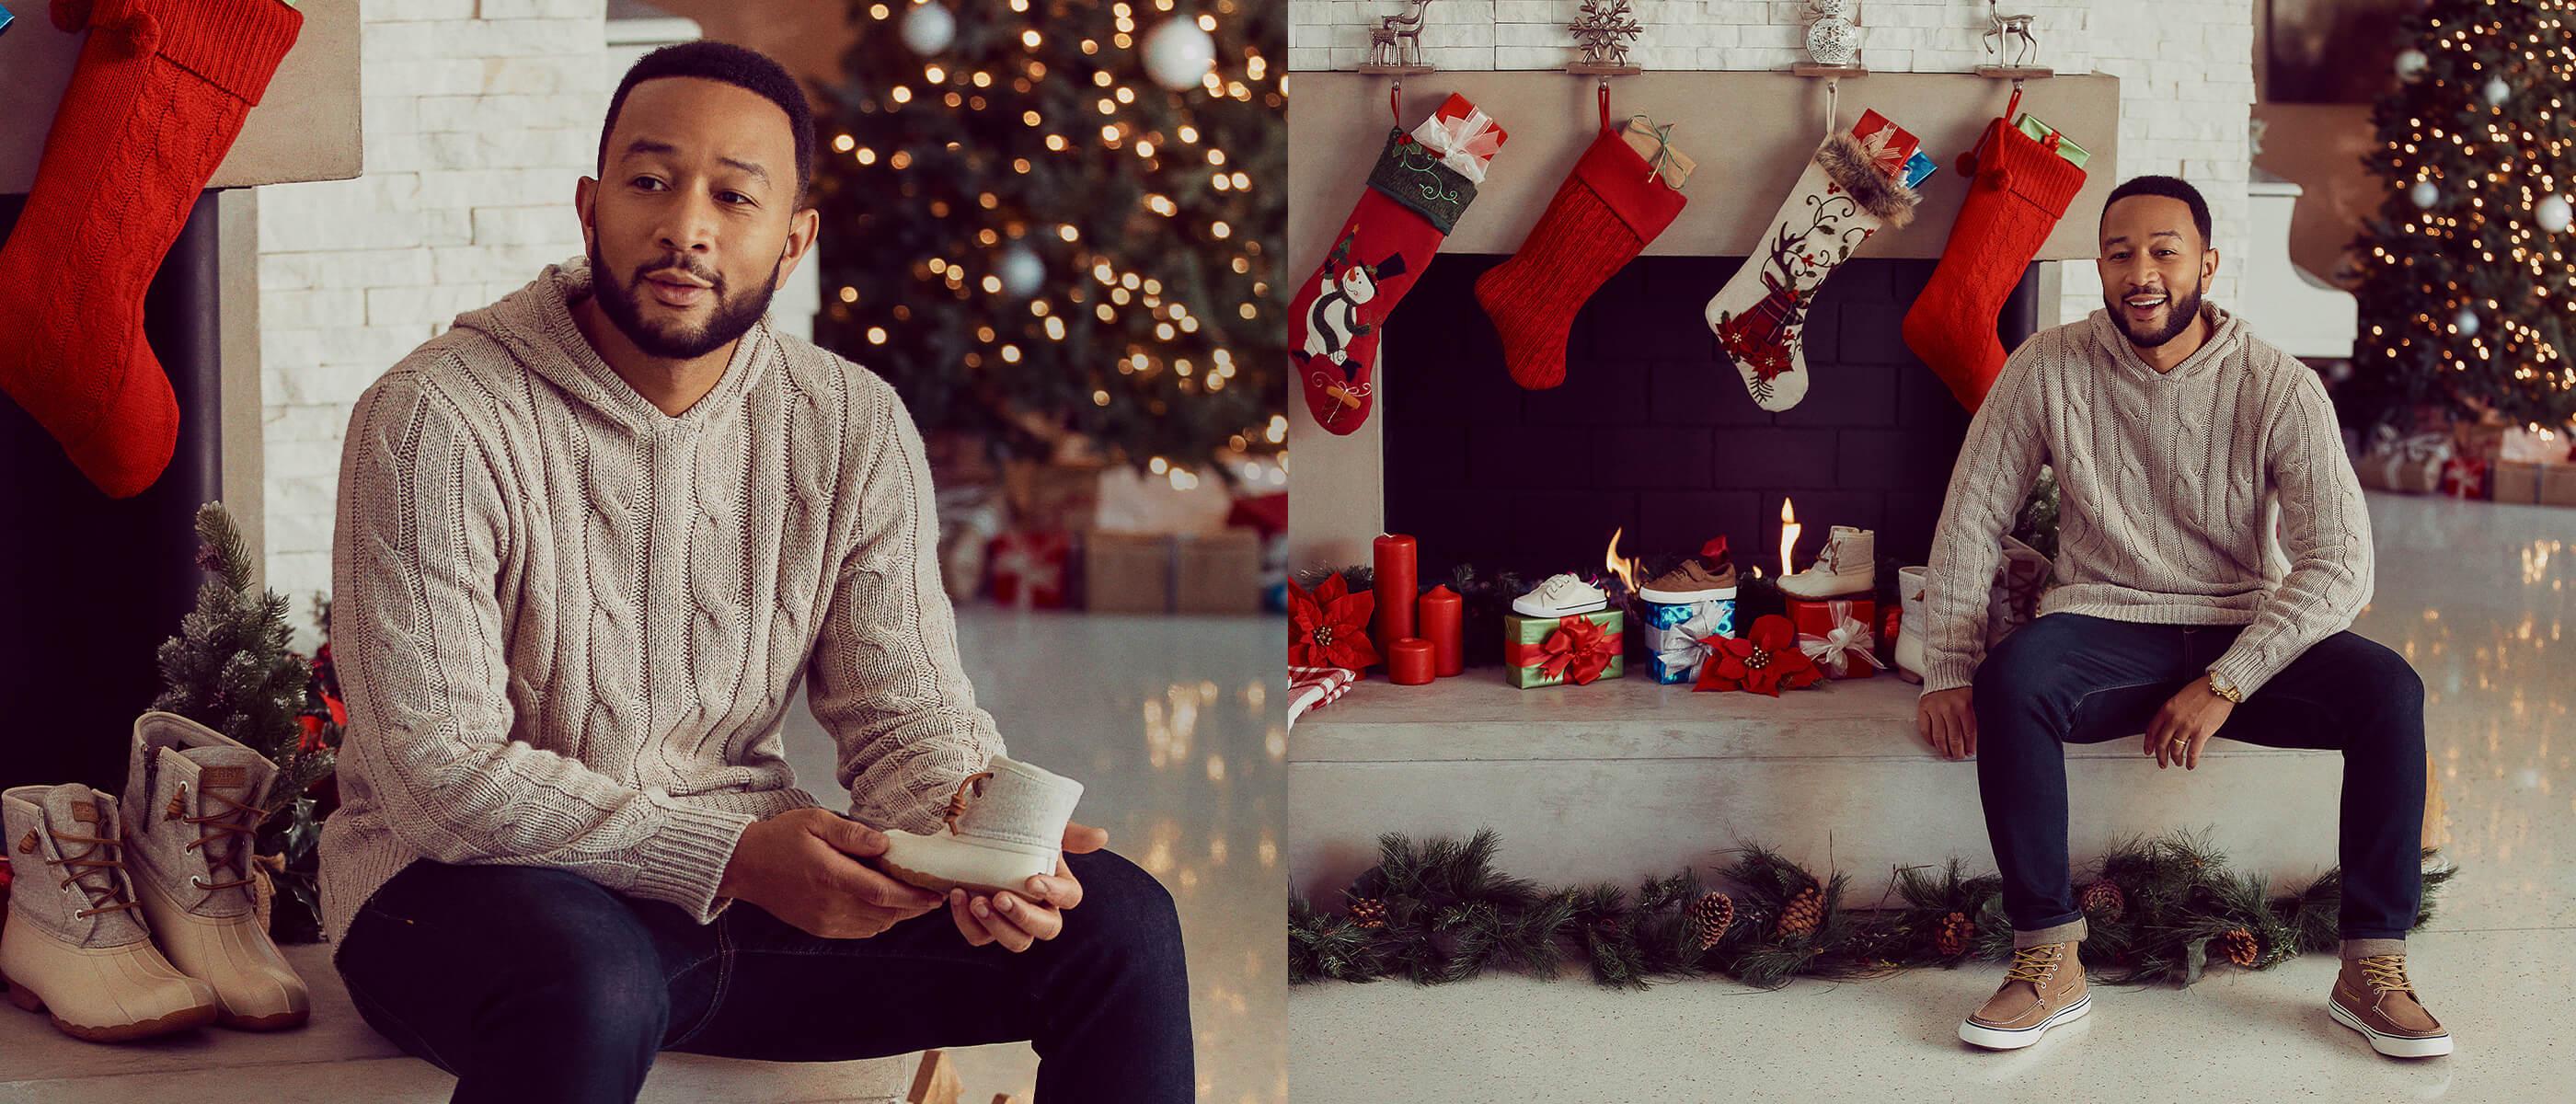 John Legend roasting by an open fire. He seems jolly.